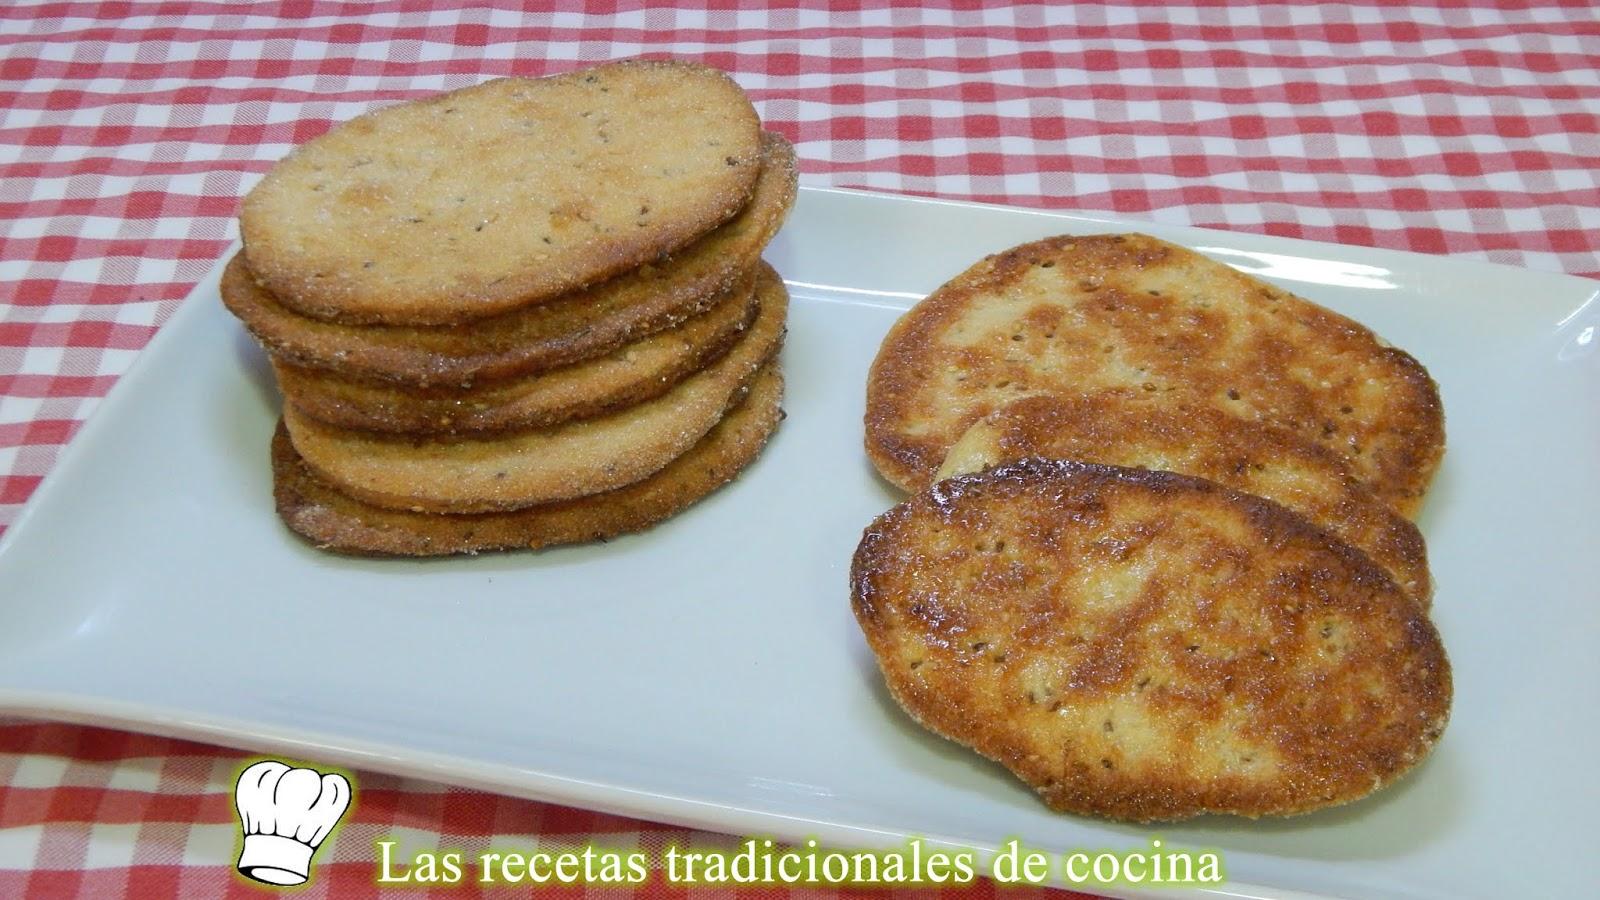 Receta Fácil Y Casera De Tortitas De Anís Y Aceite De La Abuela